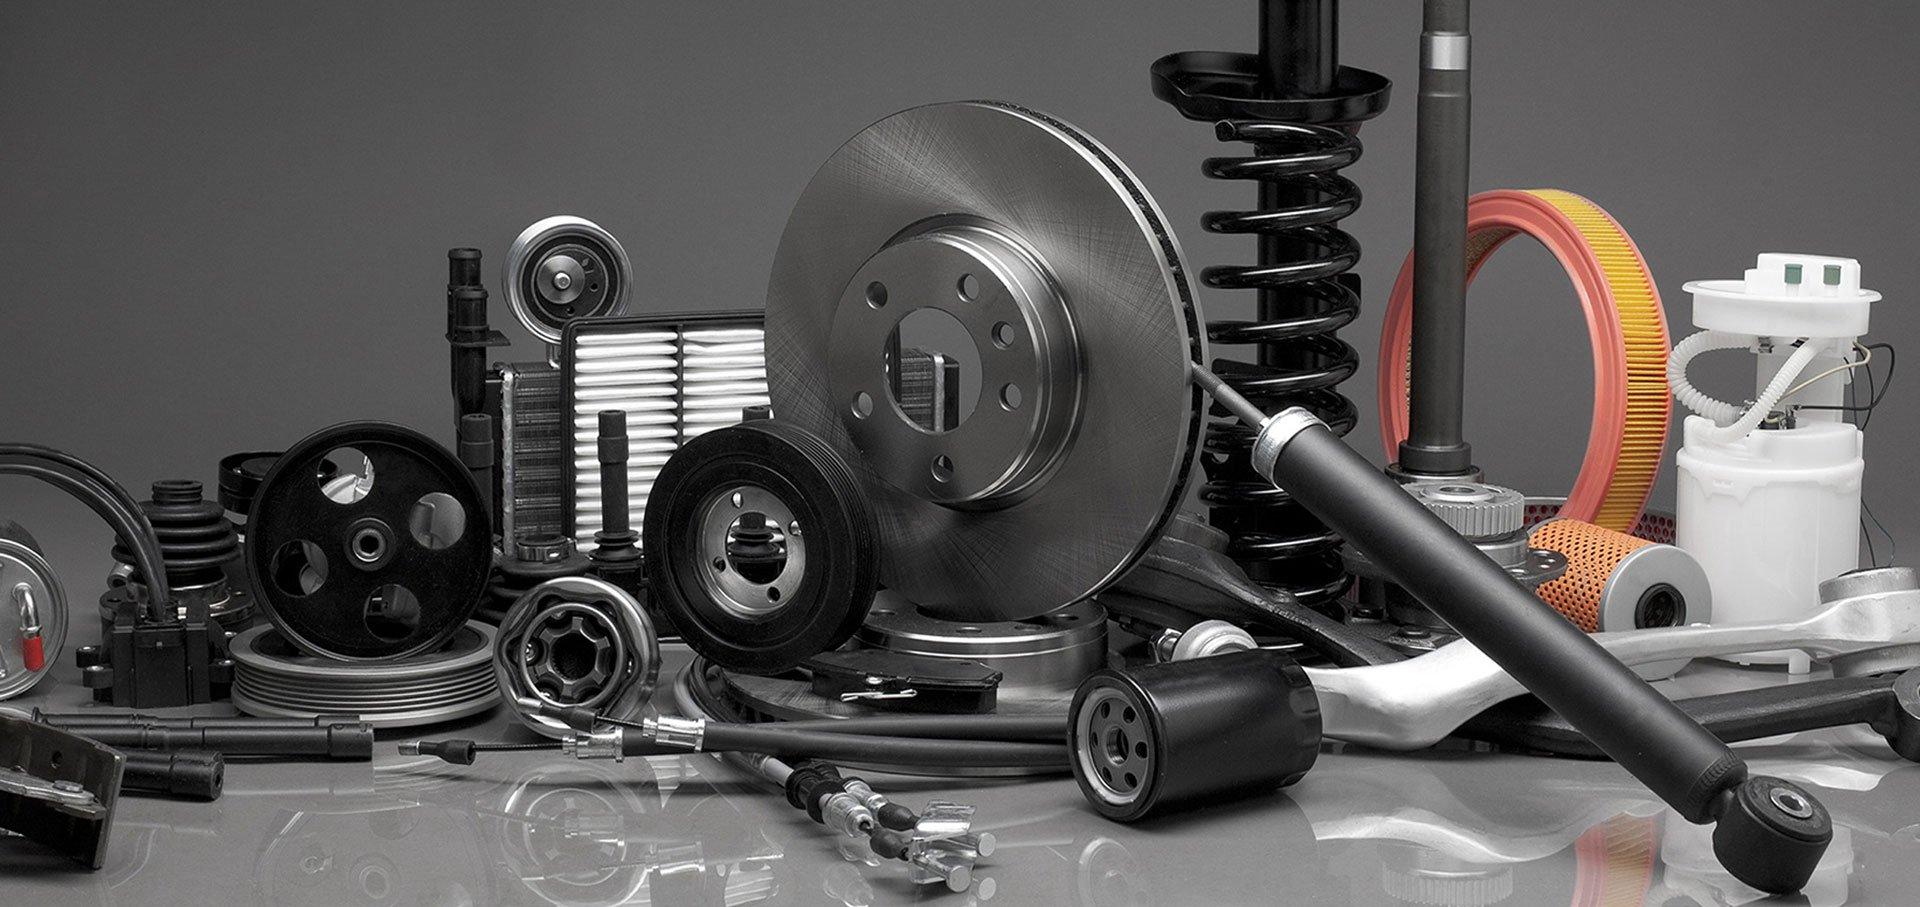 Lakeway Auto Parts